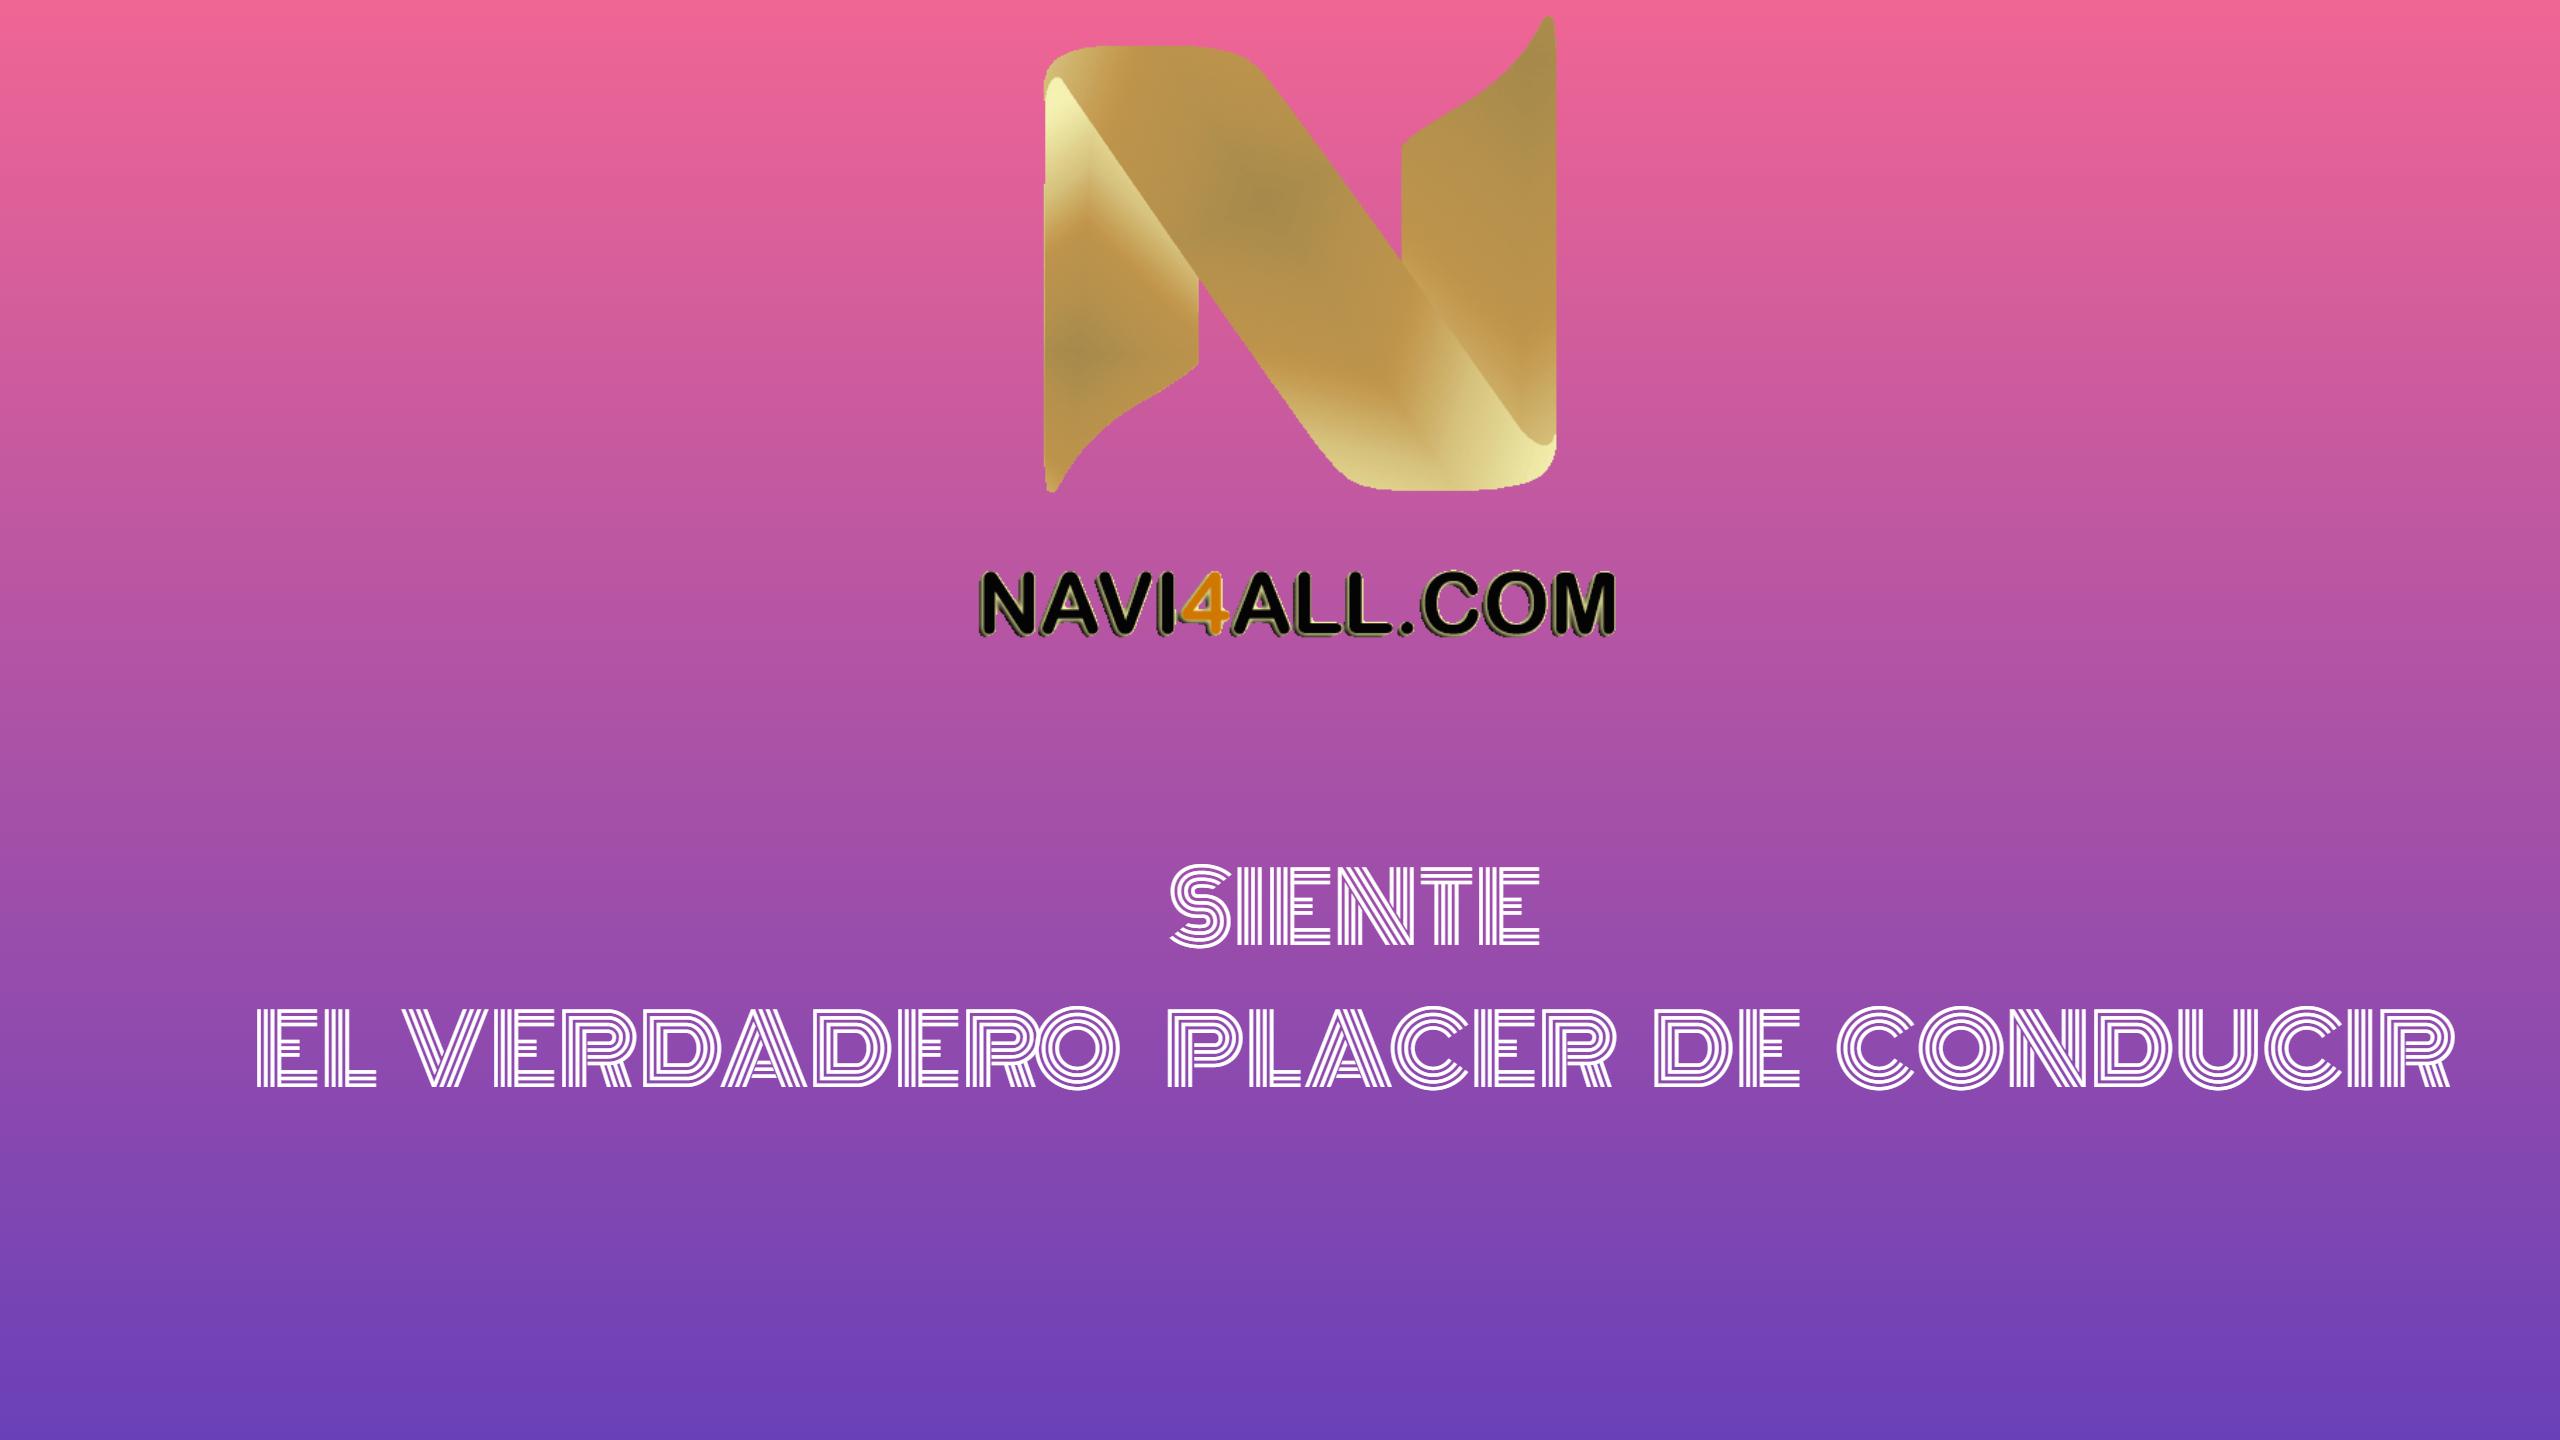 navi4all.com